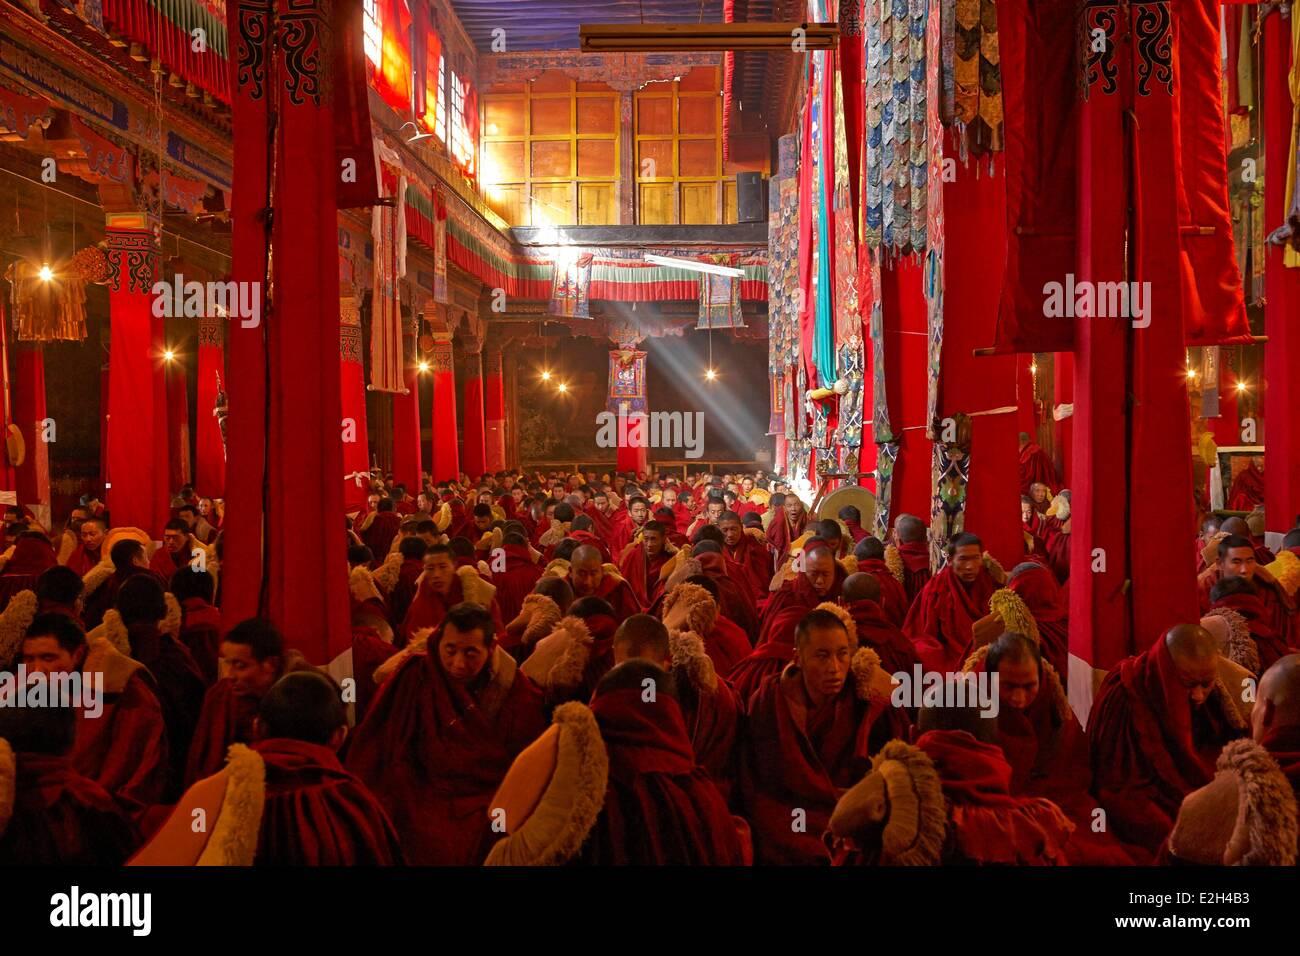 China Tibet Lhassa buddhist religious ceremony at Sera monastery - Stock Image